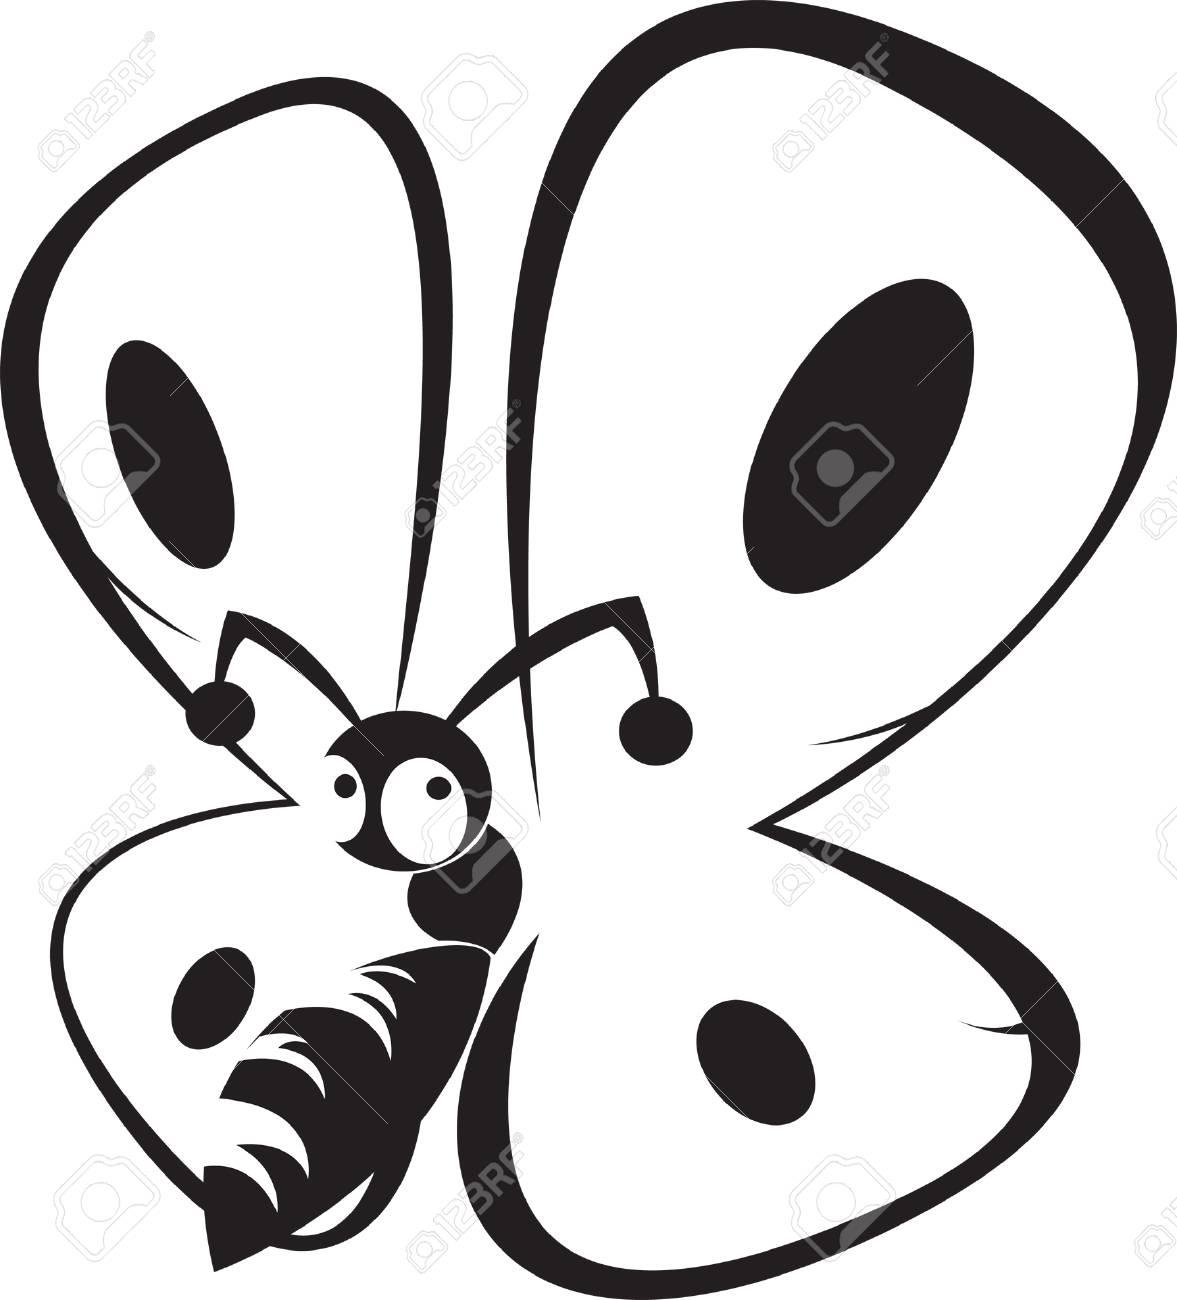 Encantador Mariposa Detallada Para Colorear Composición - Dibujos ...